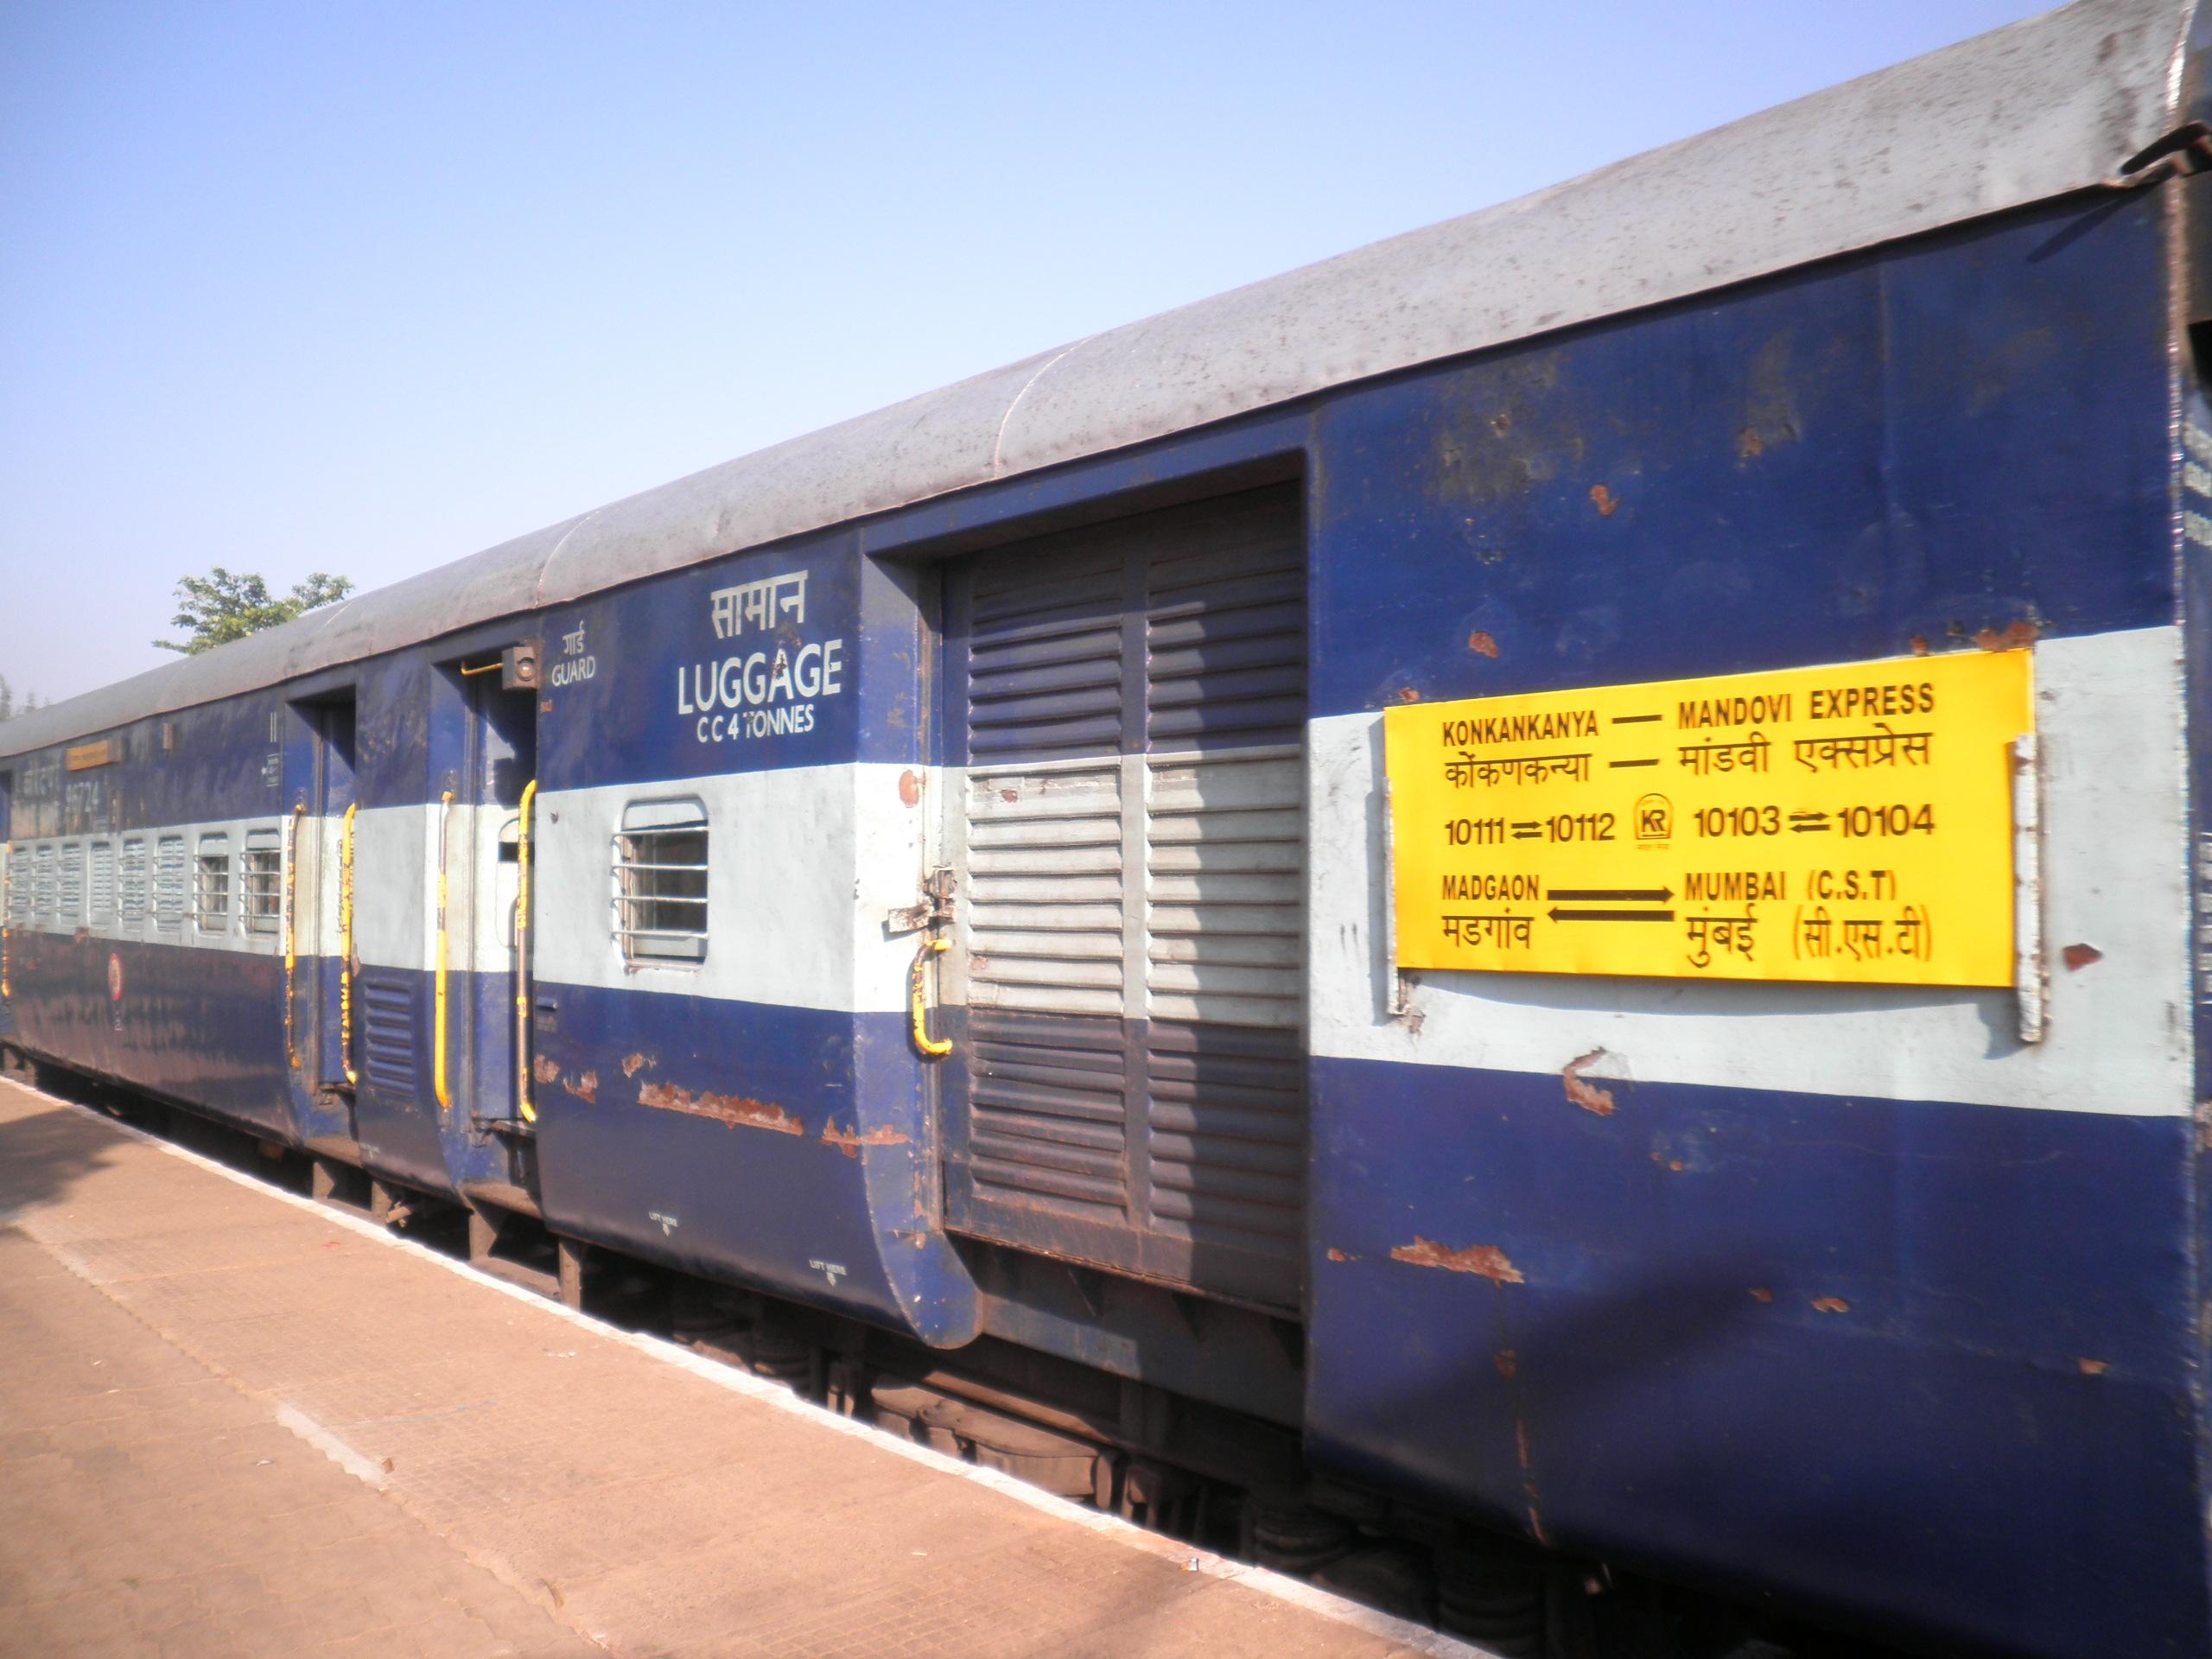 Mandovi Express